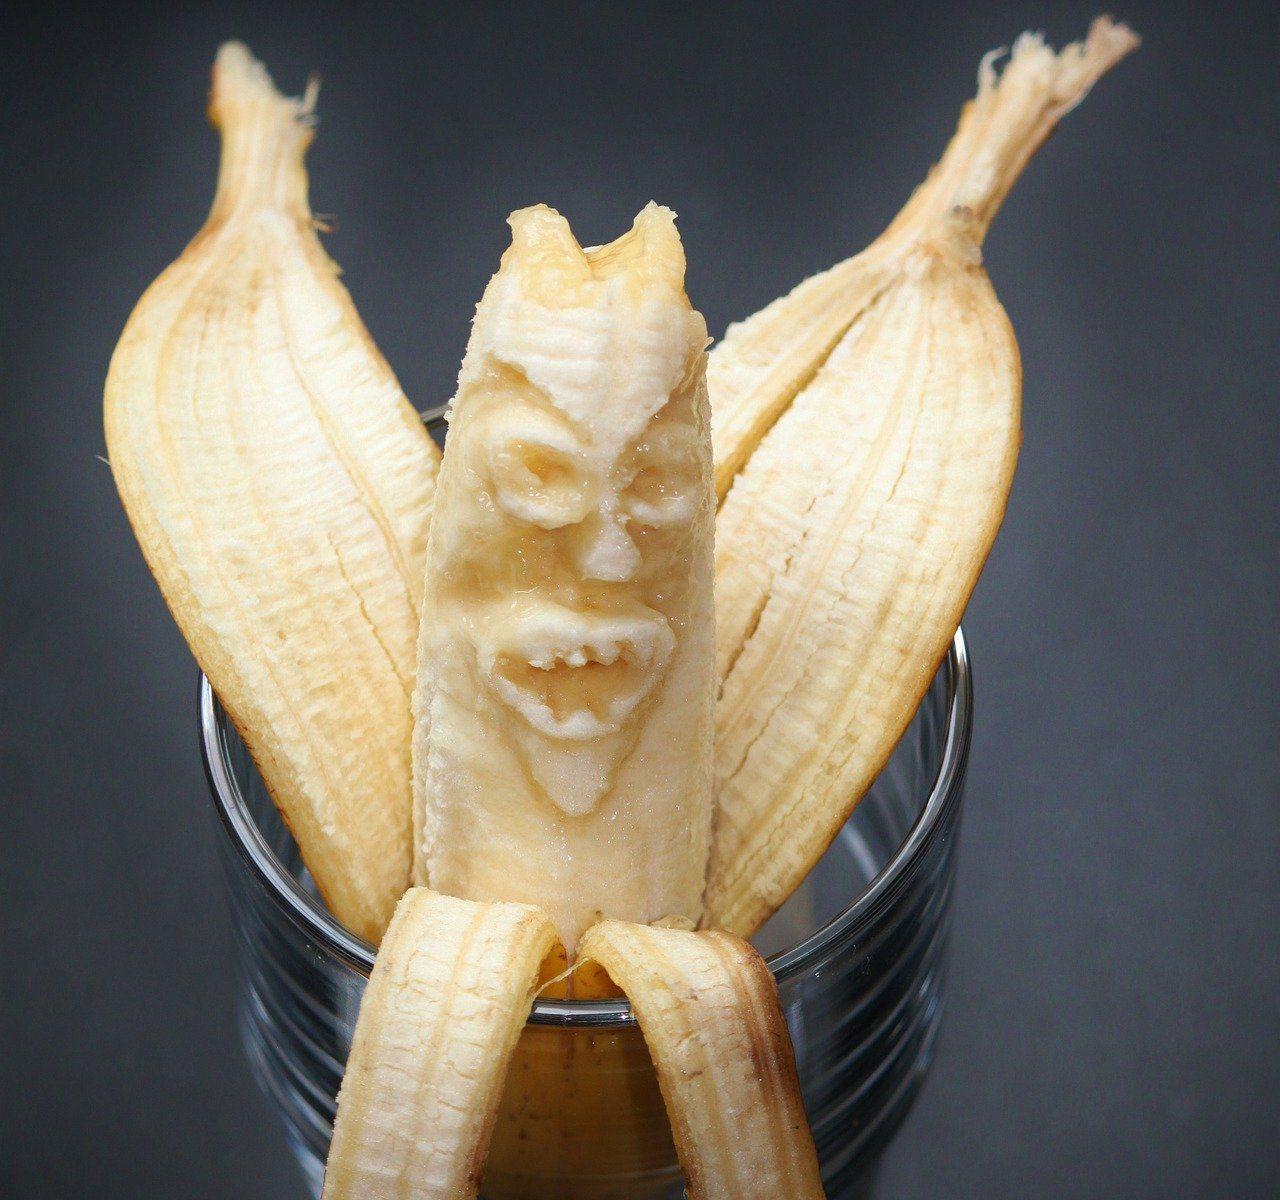 peau de banane comme engrais au jardin